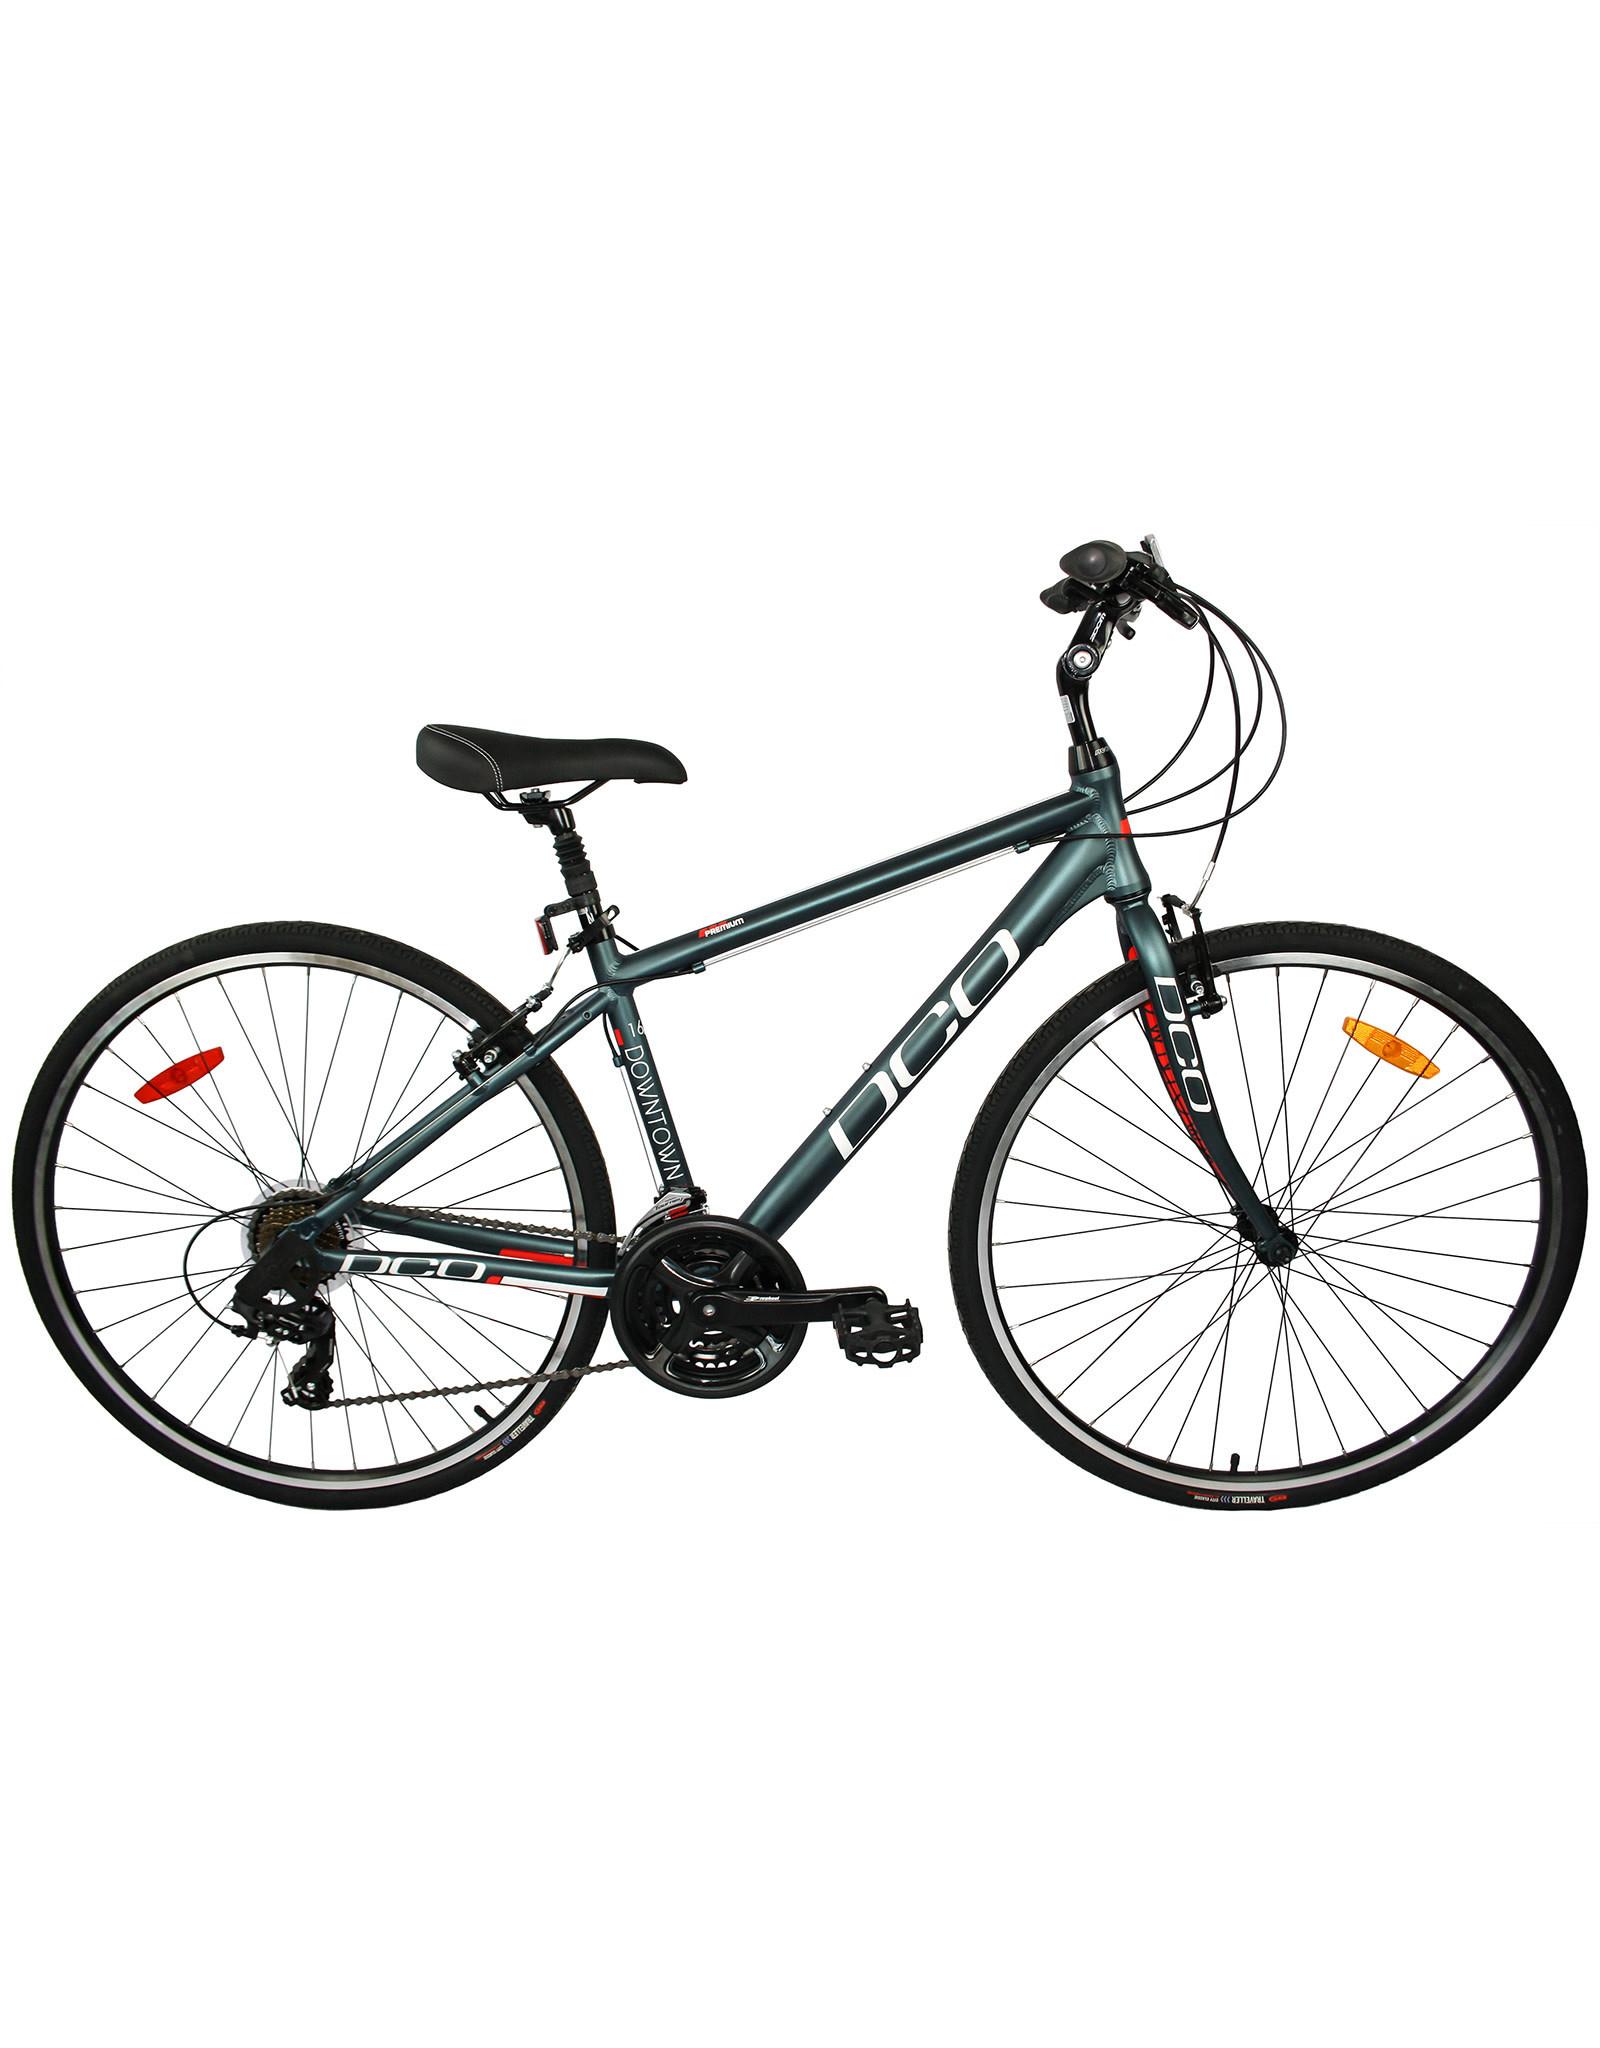 Location de vélo confortable, hommes ou femmes à partir de 17,25$